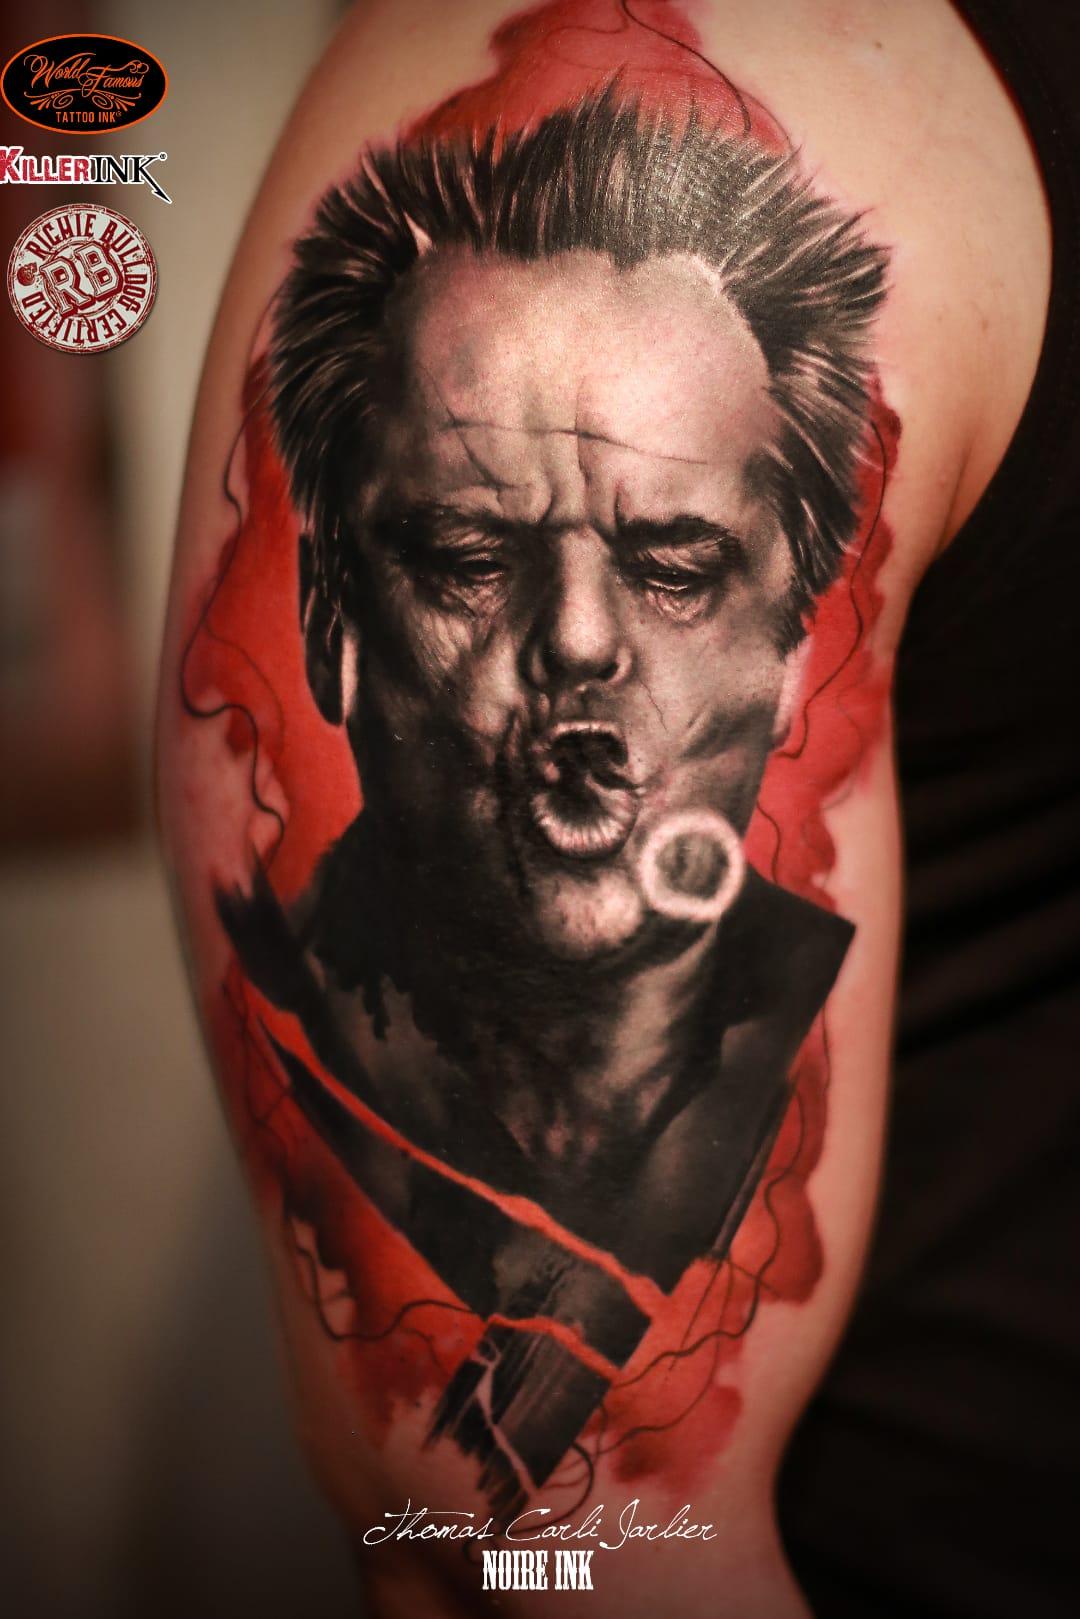 Jack Nicholson #ThomasCarliJarlier #realismo #realism #portrait #retrato #fotorrealismo #blackandgrey #pretoecinza #photorealism #JackNicholson #actor #ator #smoke #fumaça #watercolor #aquarela #man #homem #movie #filme #abstrato #abstract